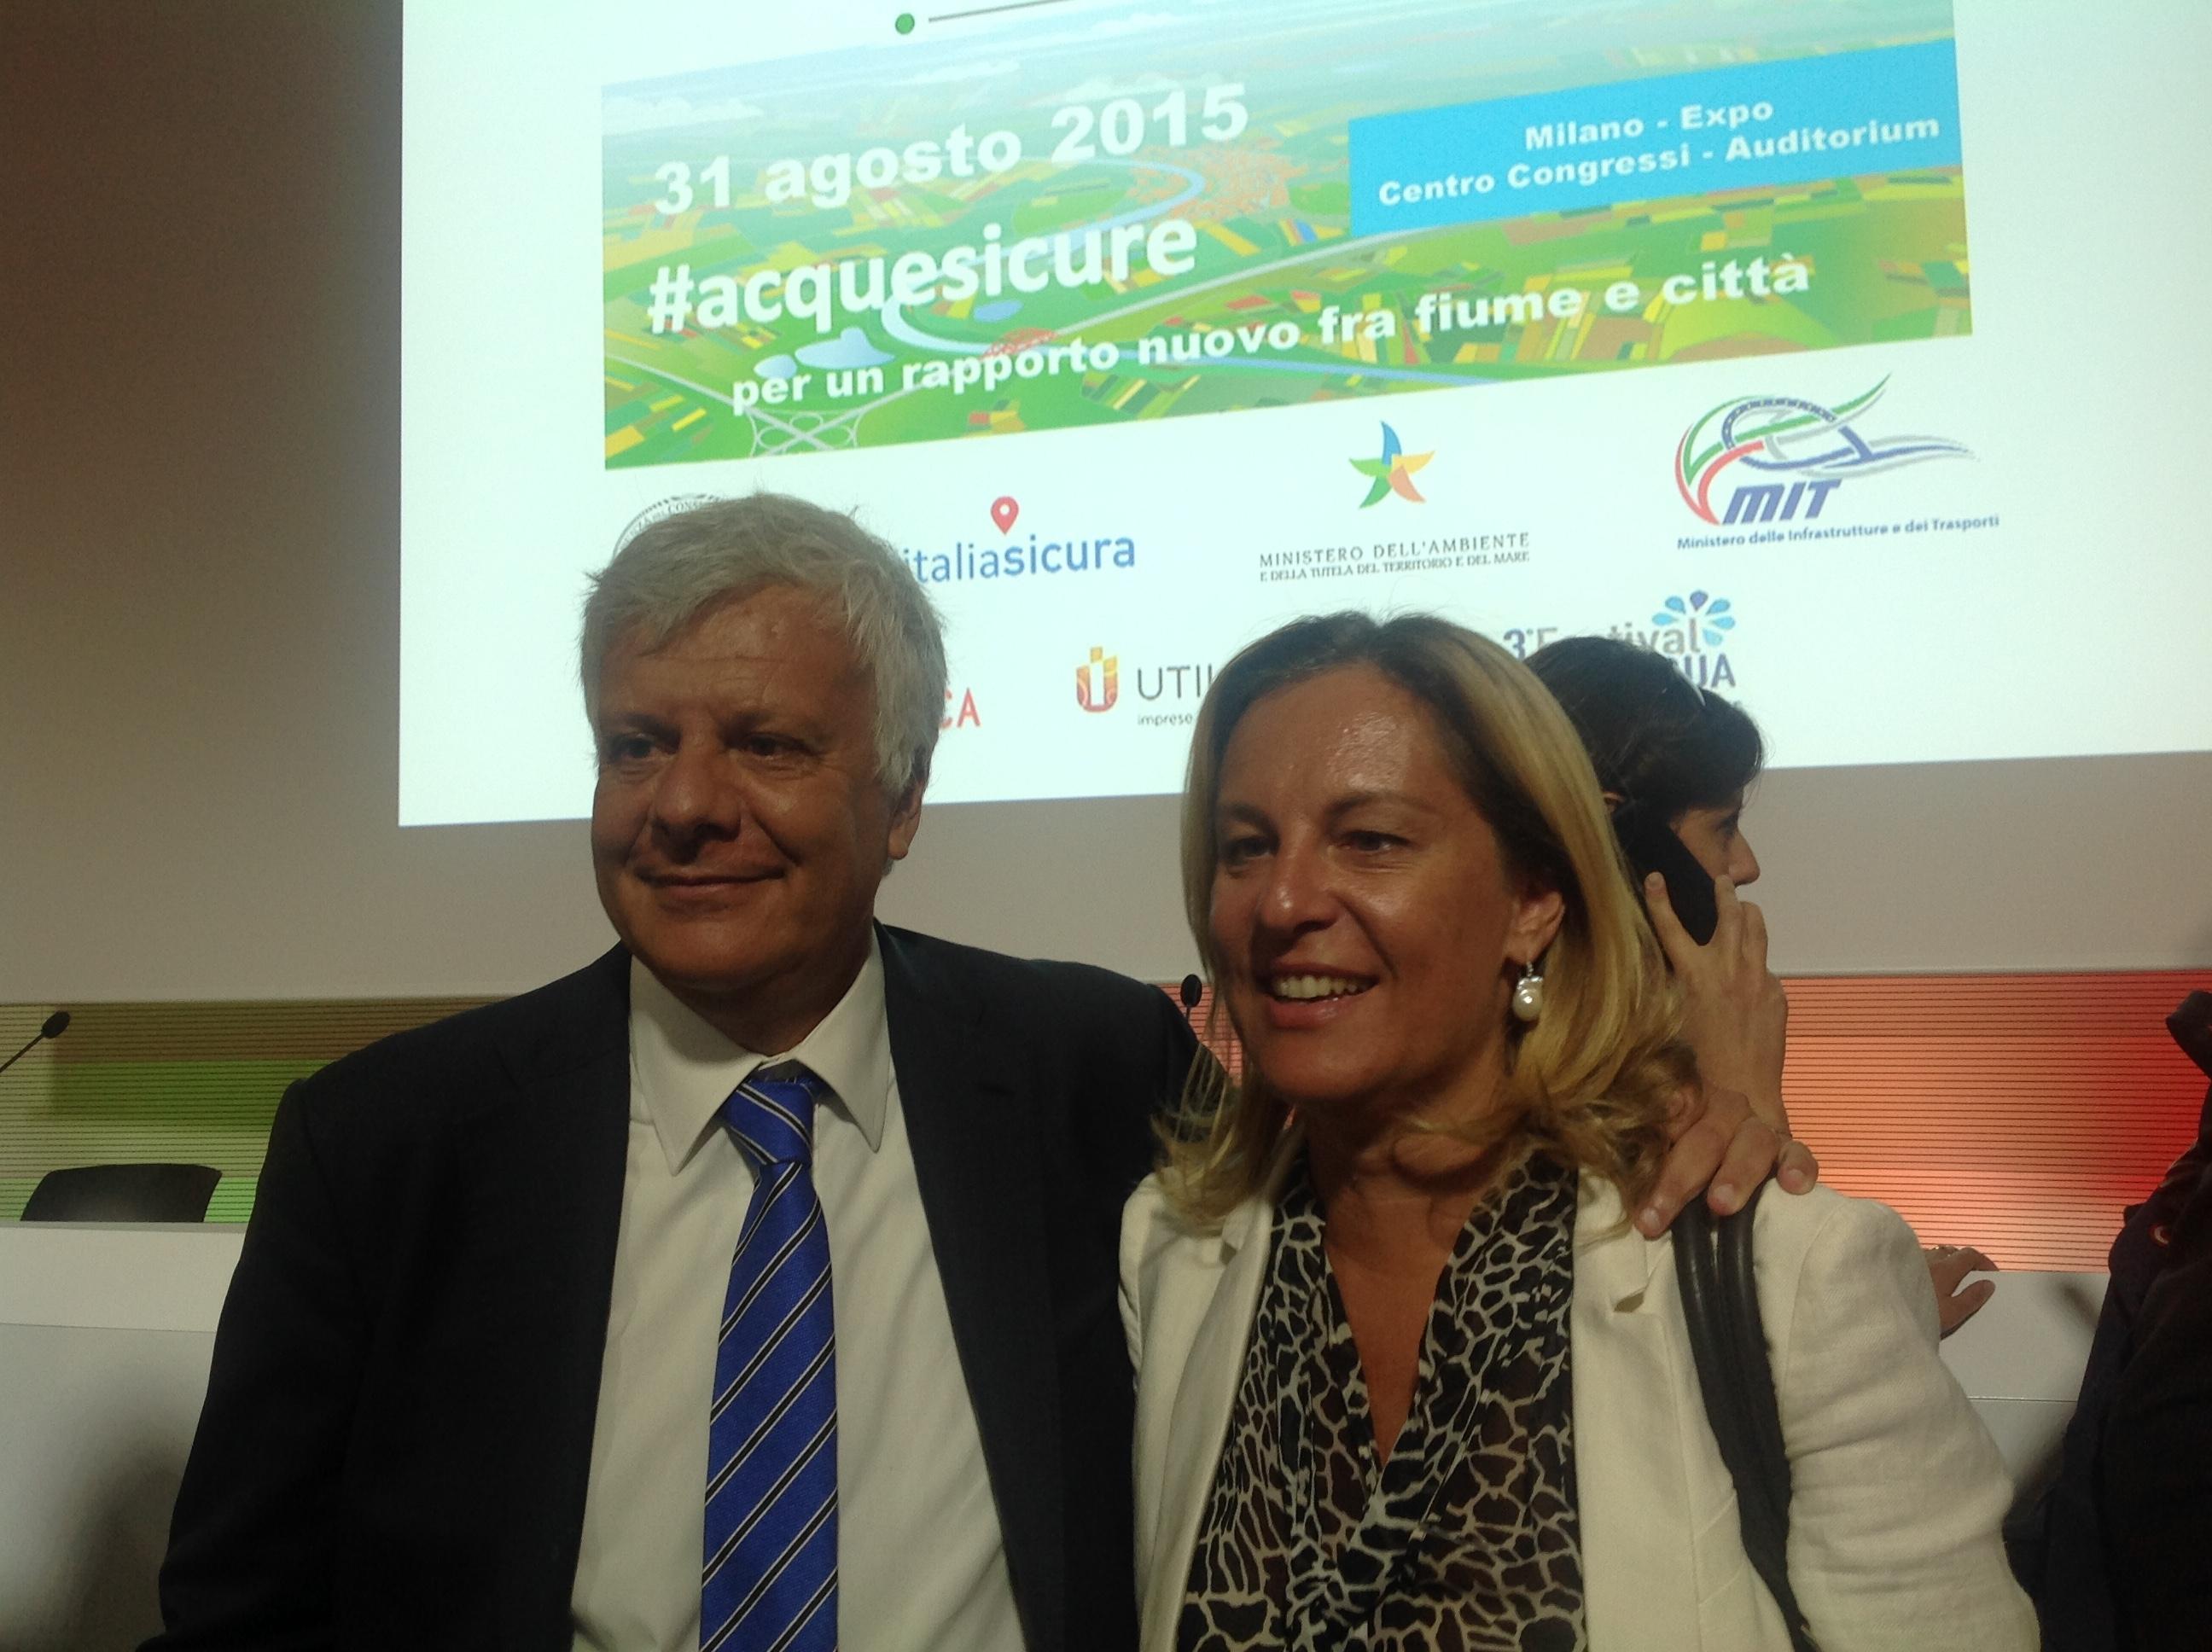 L'assessore Federica Fratoni a Expo con il ministro dell'ambiente Galletti